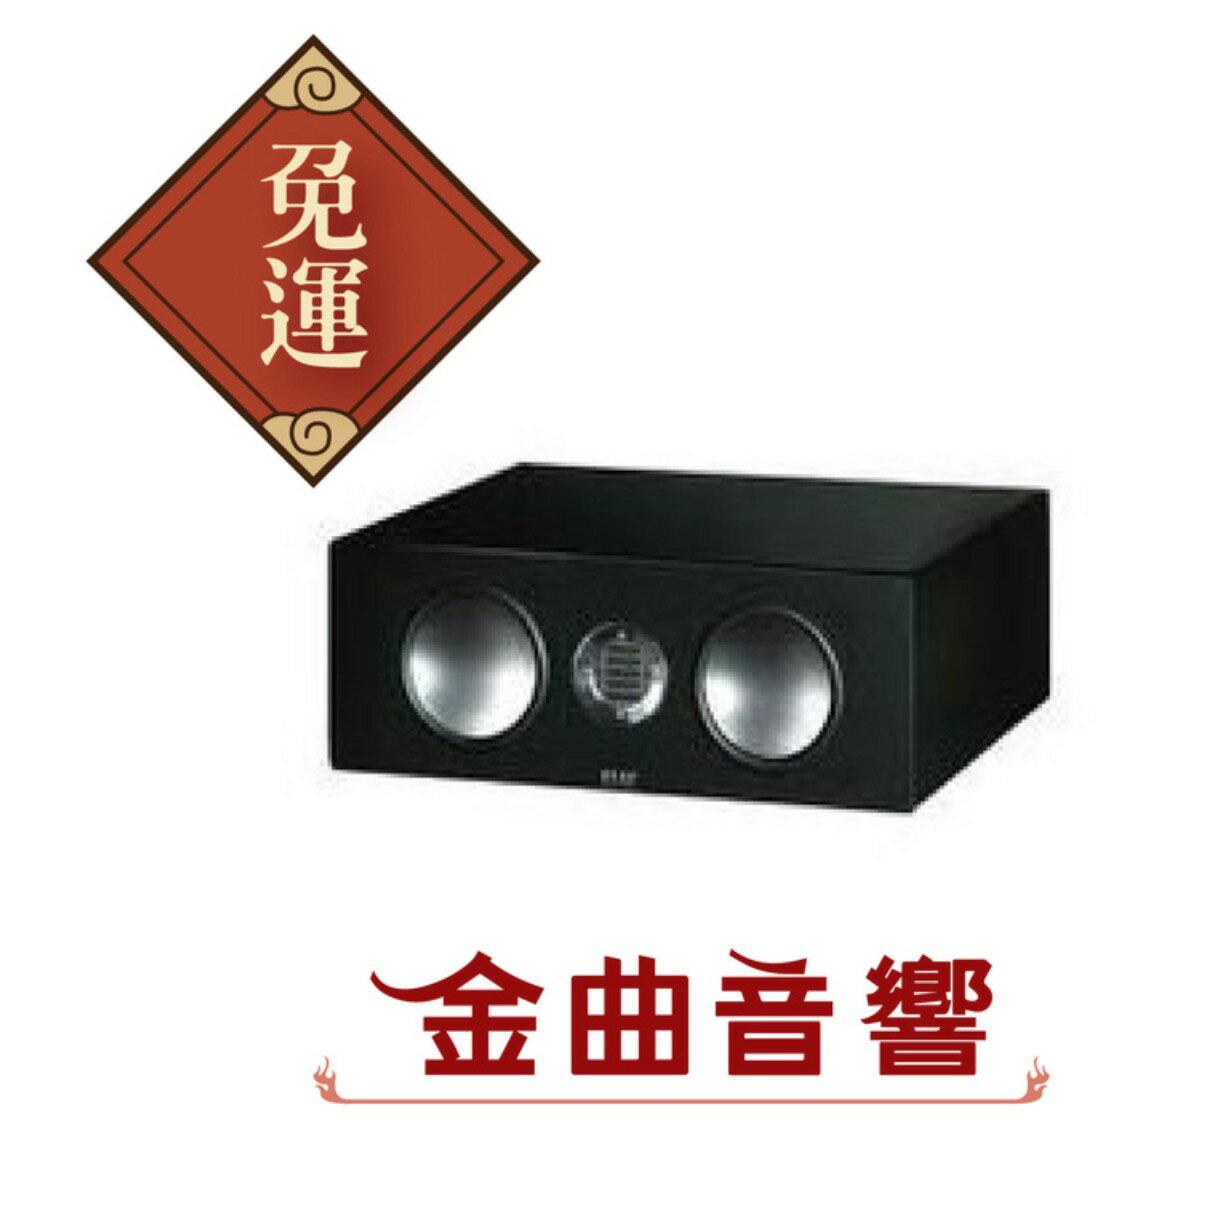 【金曲音響】ELAC CC 180中置喇叭(支)